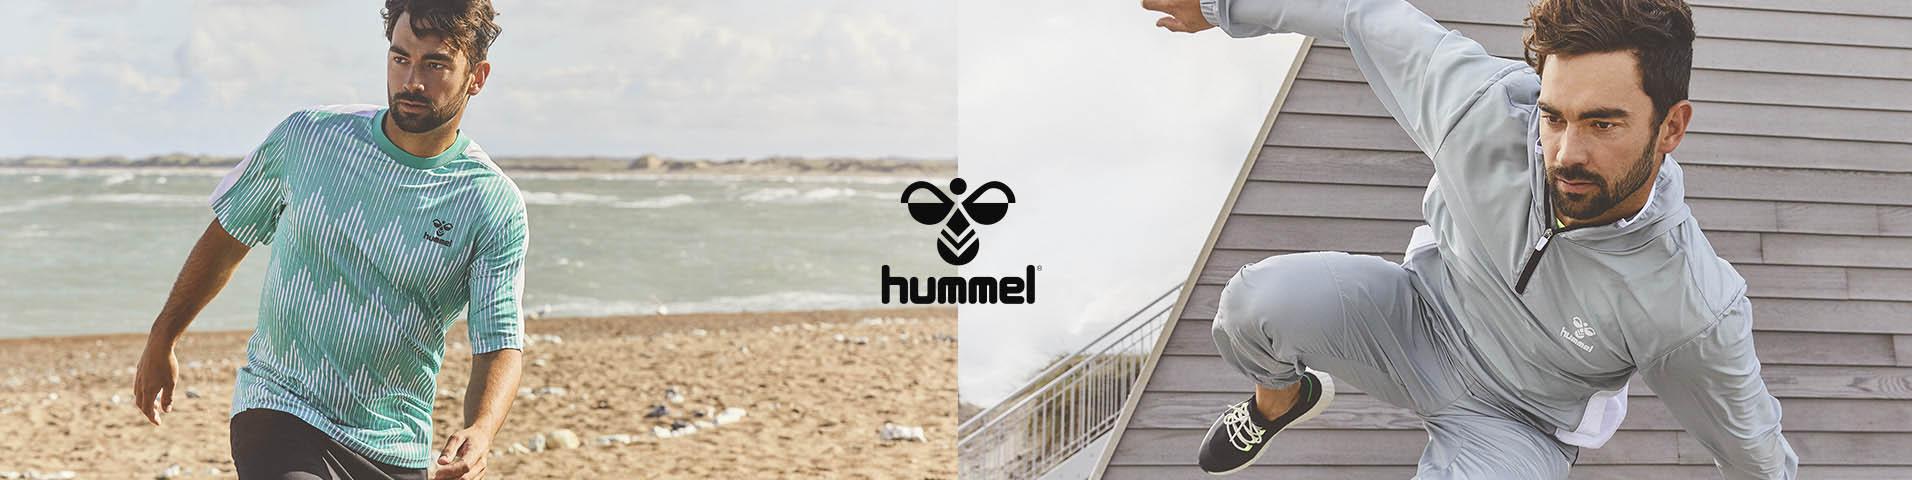 Chaussures de sport en salle homme Hummel | La sélection de